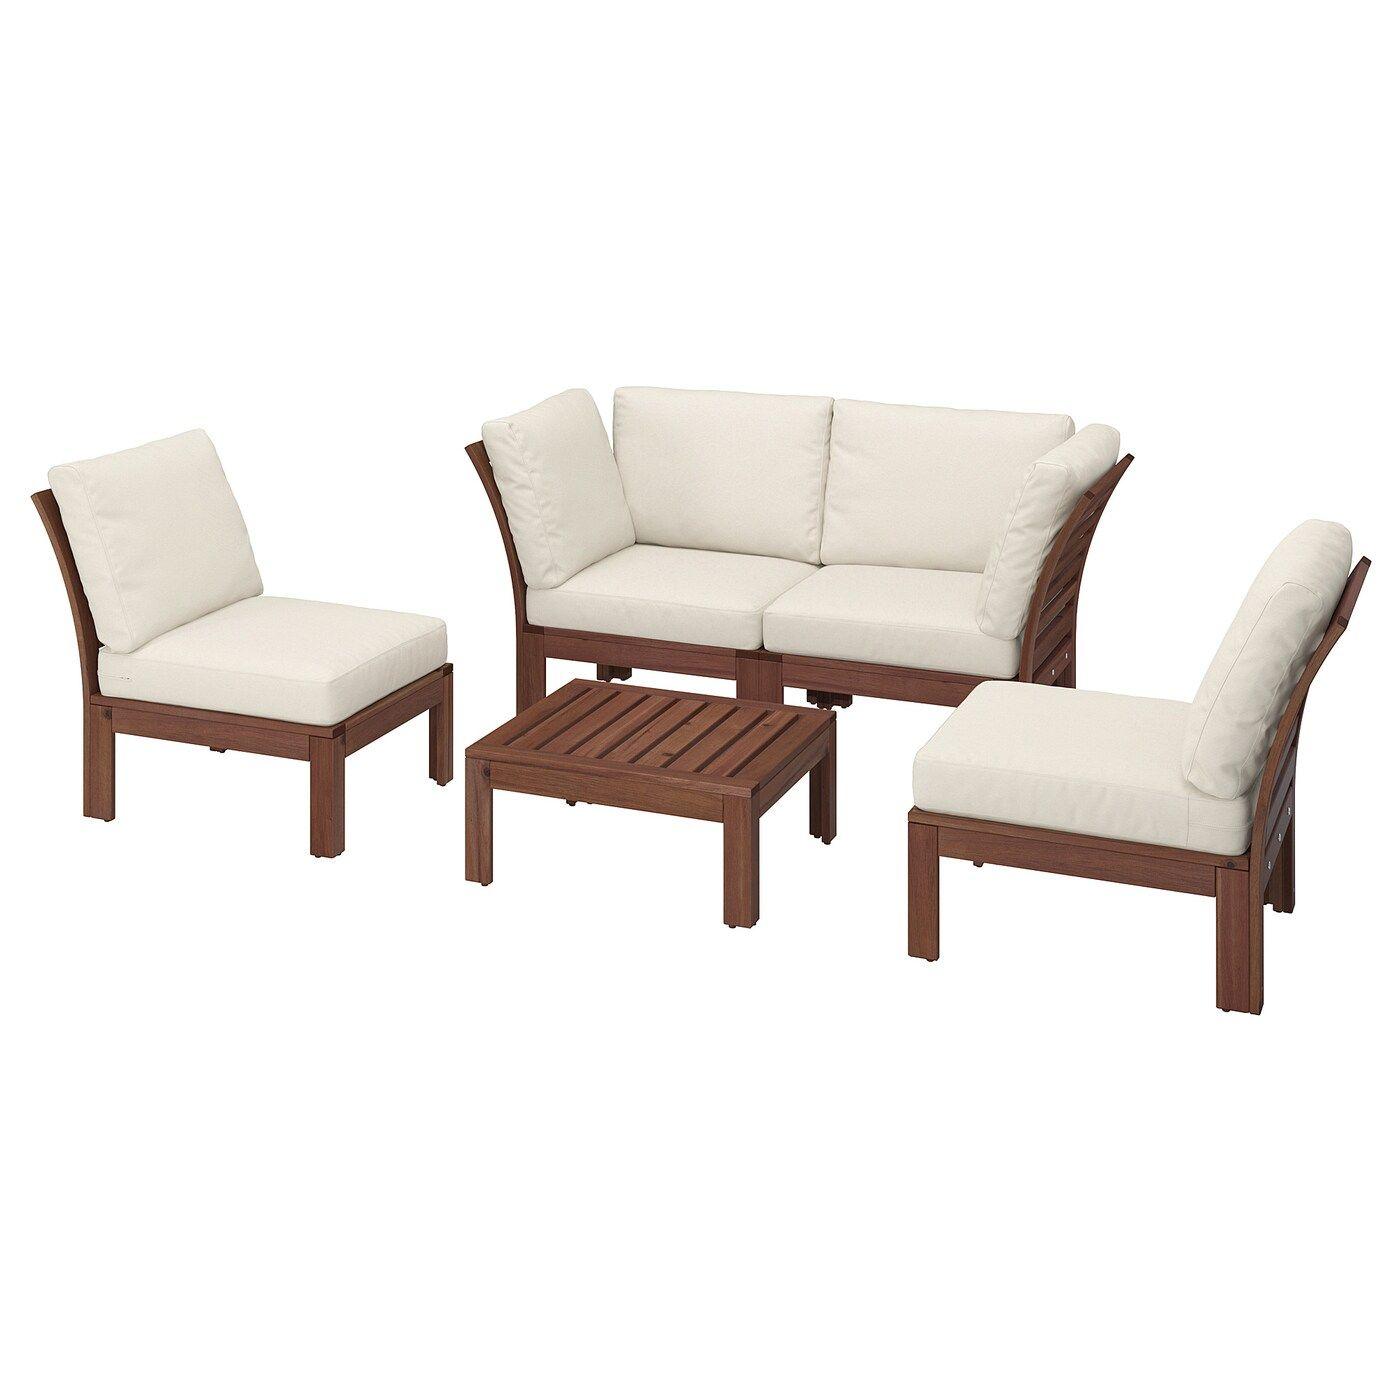 Applaro 4er Sitzgruppe Aussen Braun Las Froson Duvholmen Beige Lounge Mobel Ikea Outdoor Und Sitzgruppe